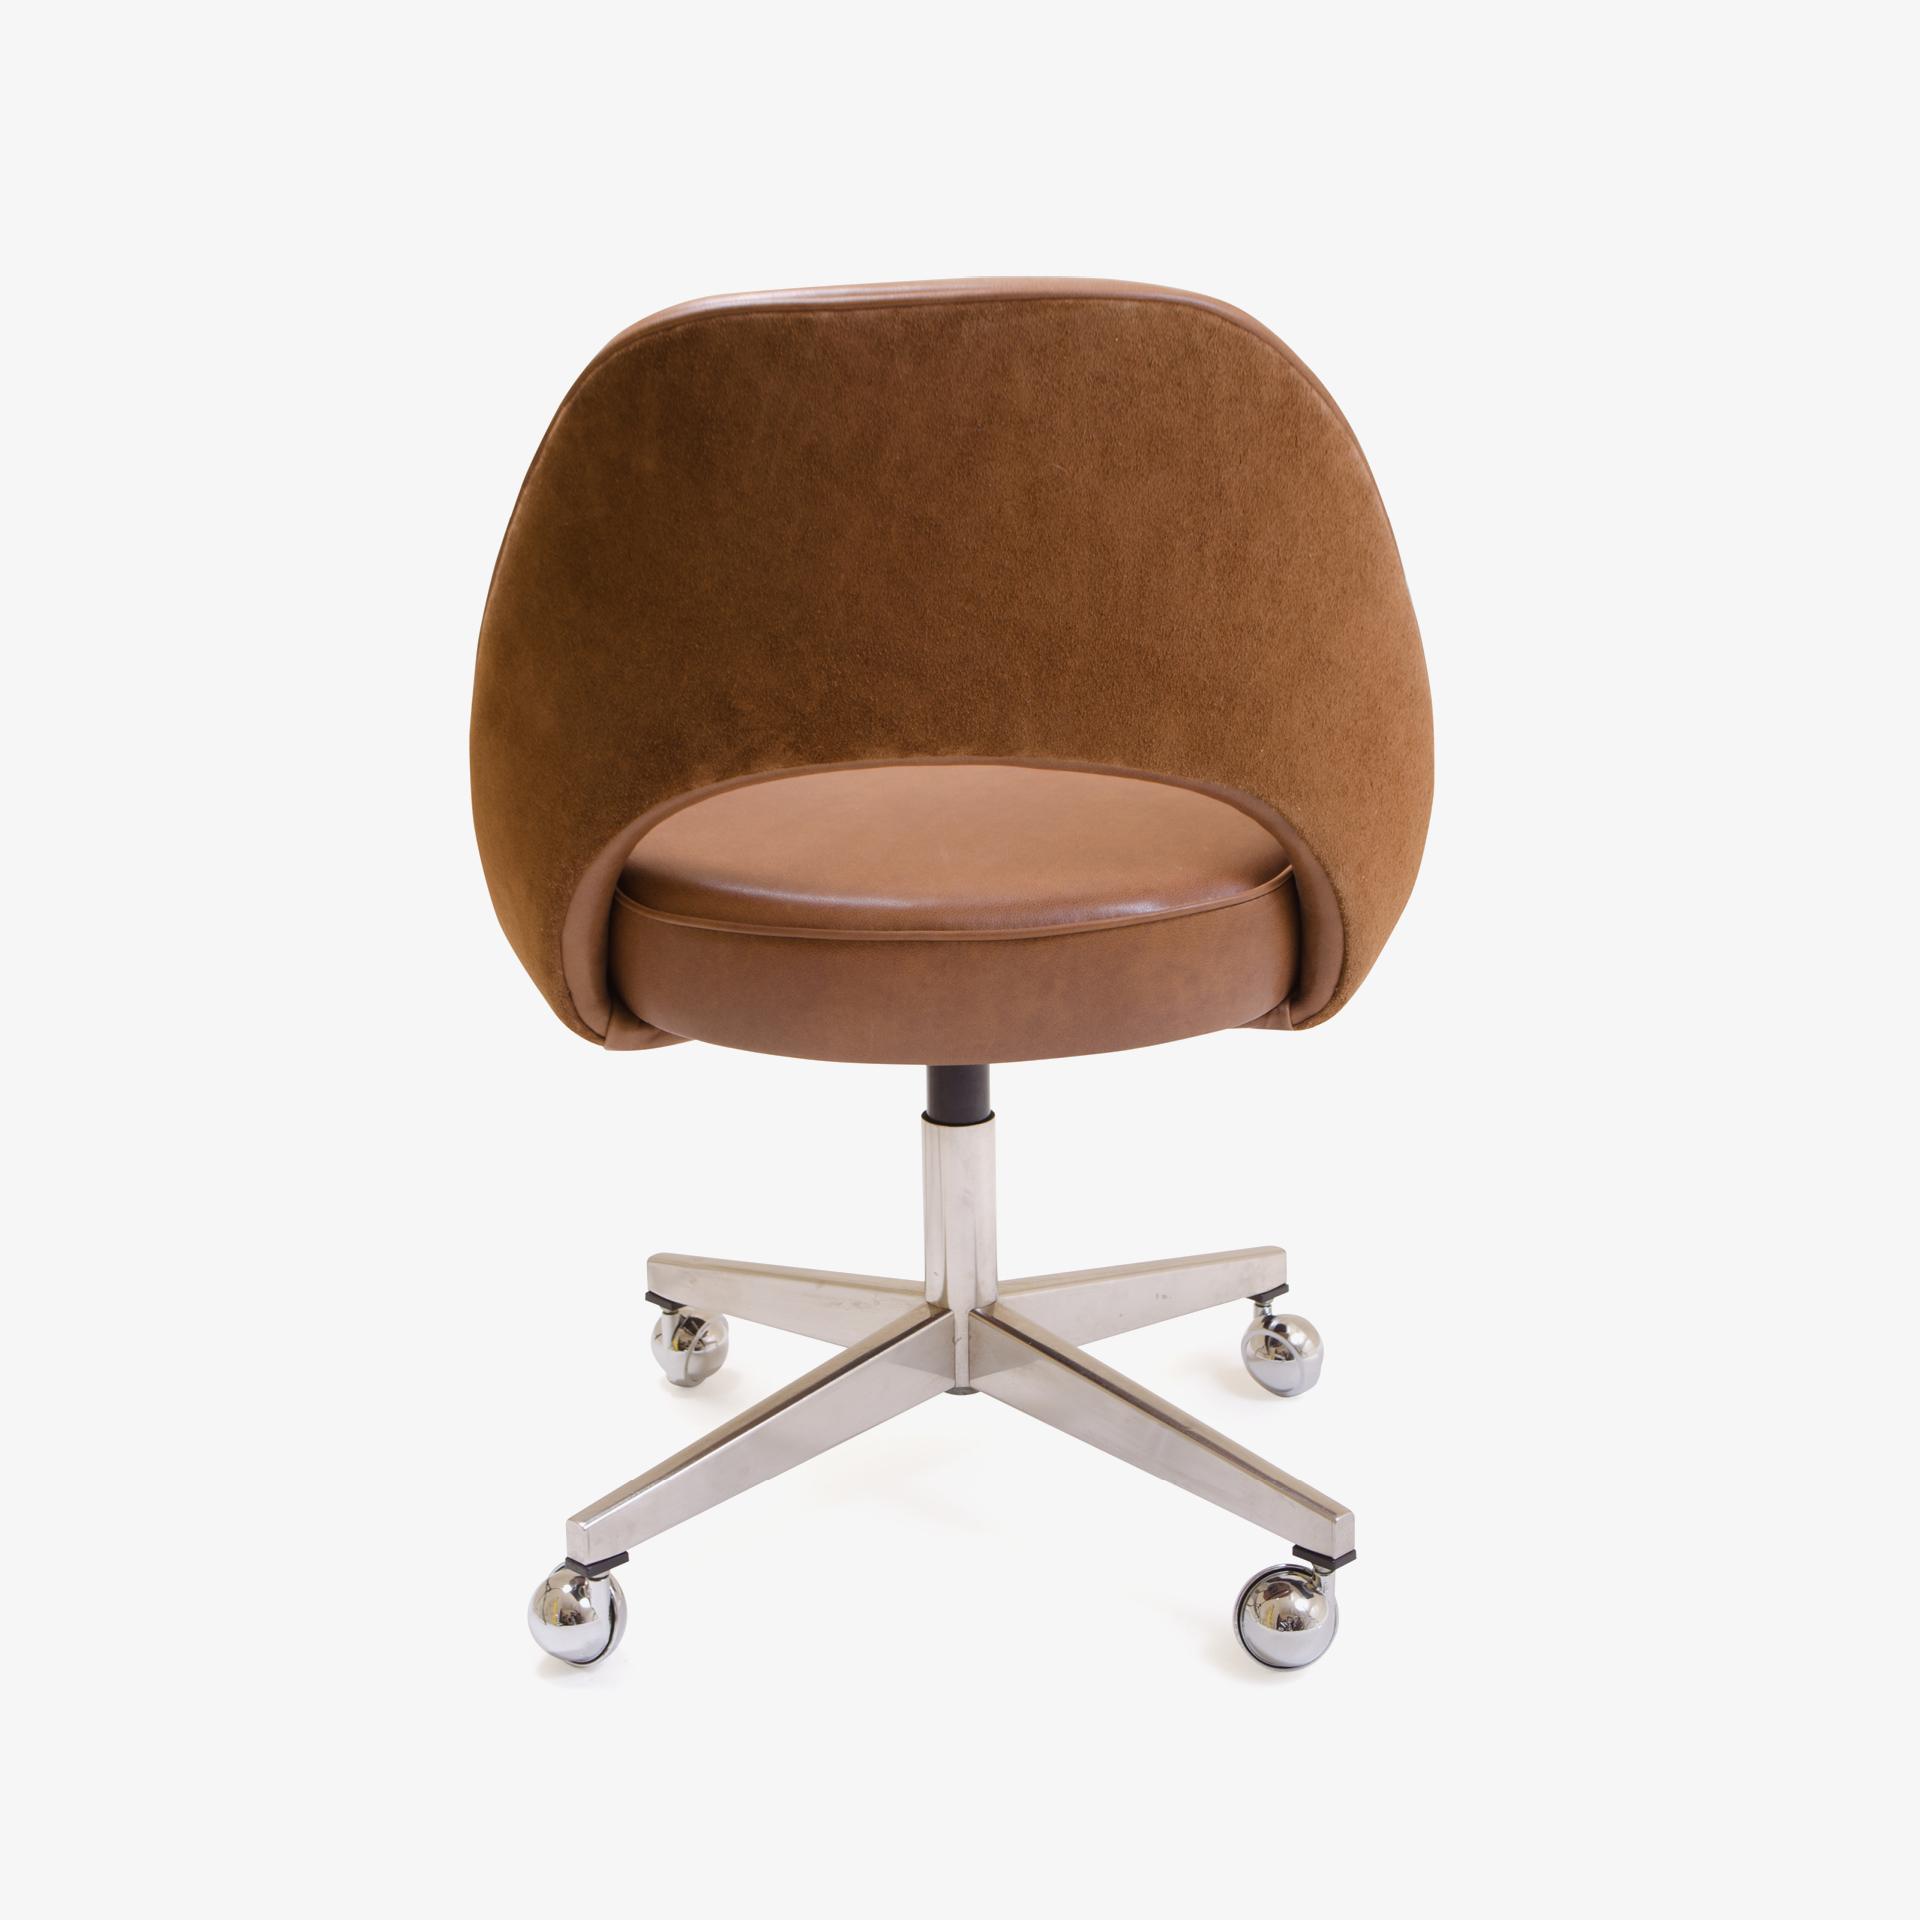 Knoll Saarinen Executive Armless Chair in Leather